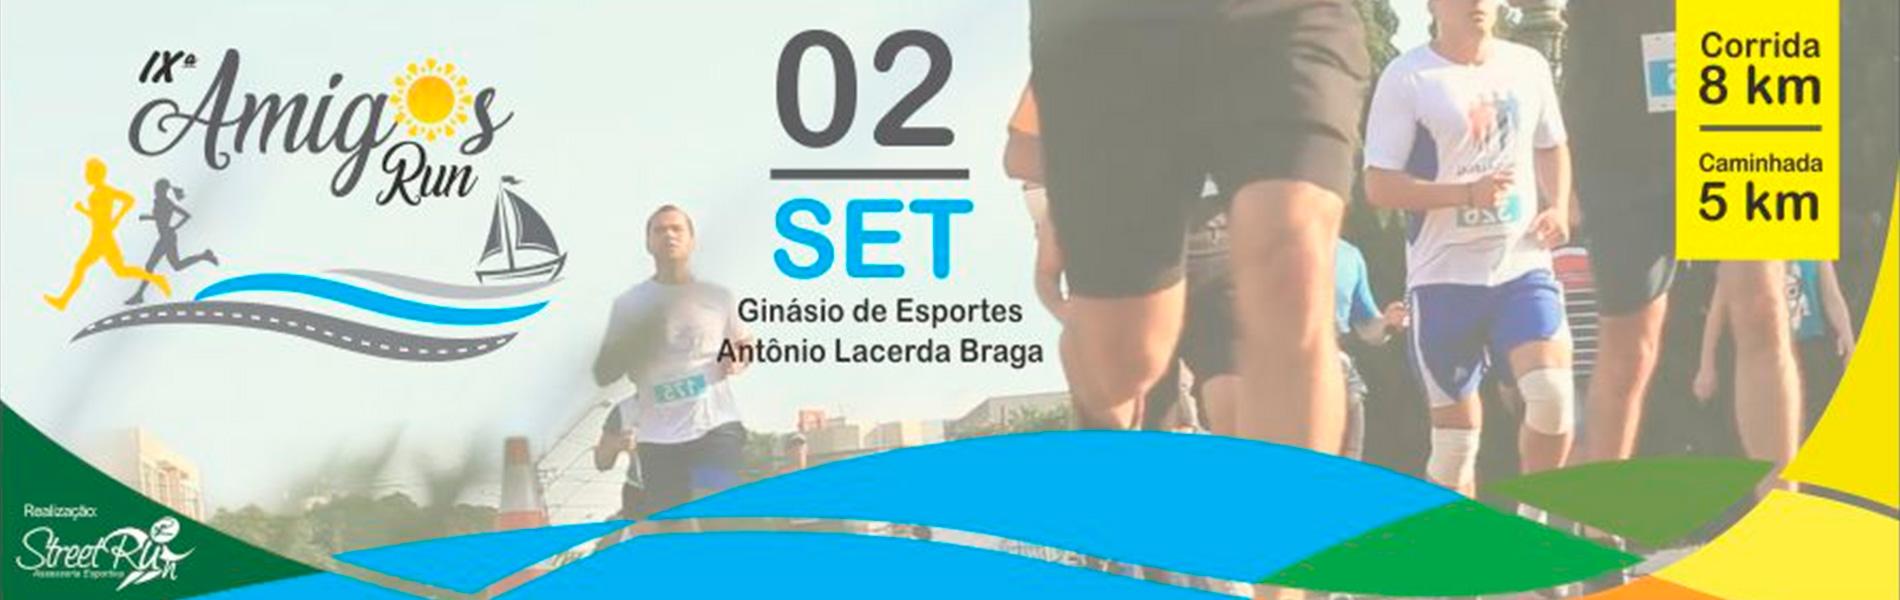 9ª CORRIDA DE RUA DOS AMIGOS - 2018 - Imagem de topo